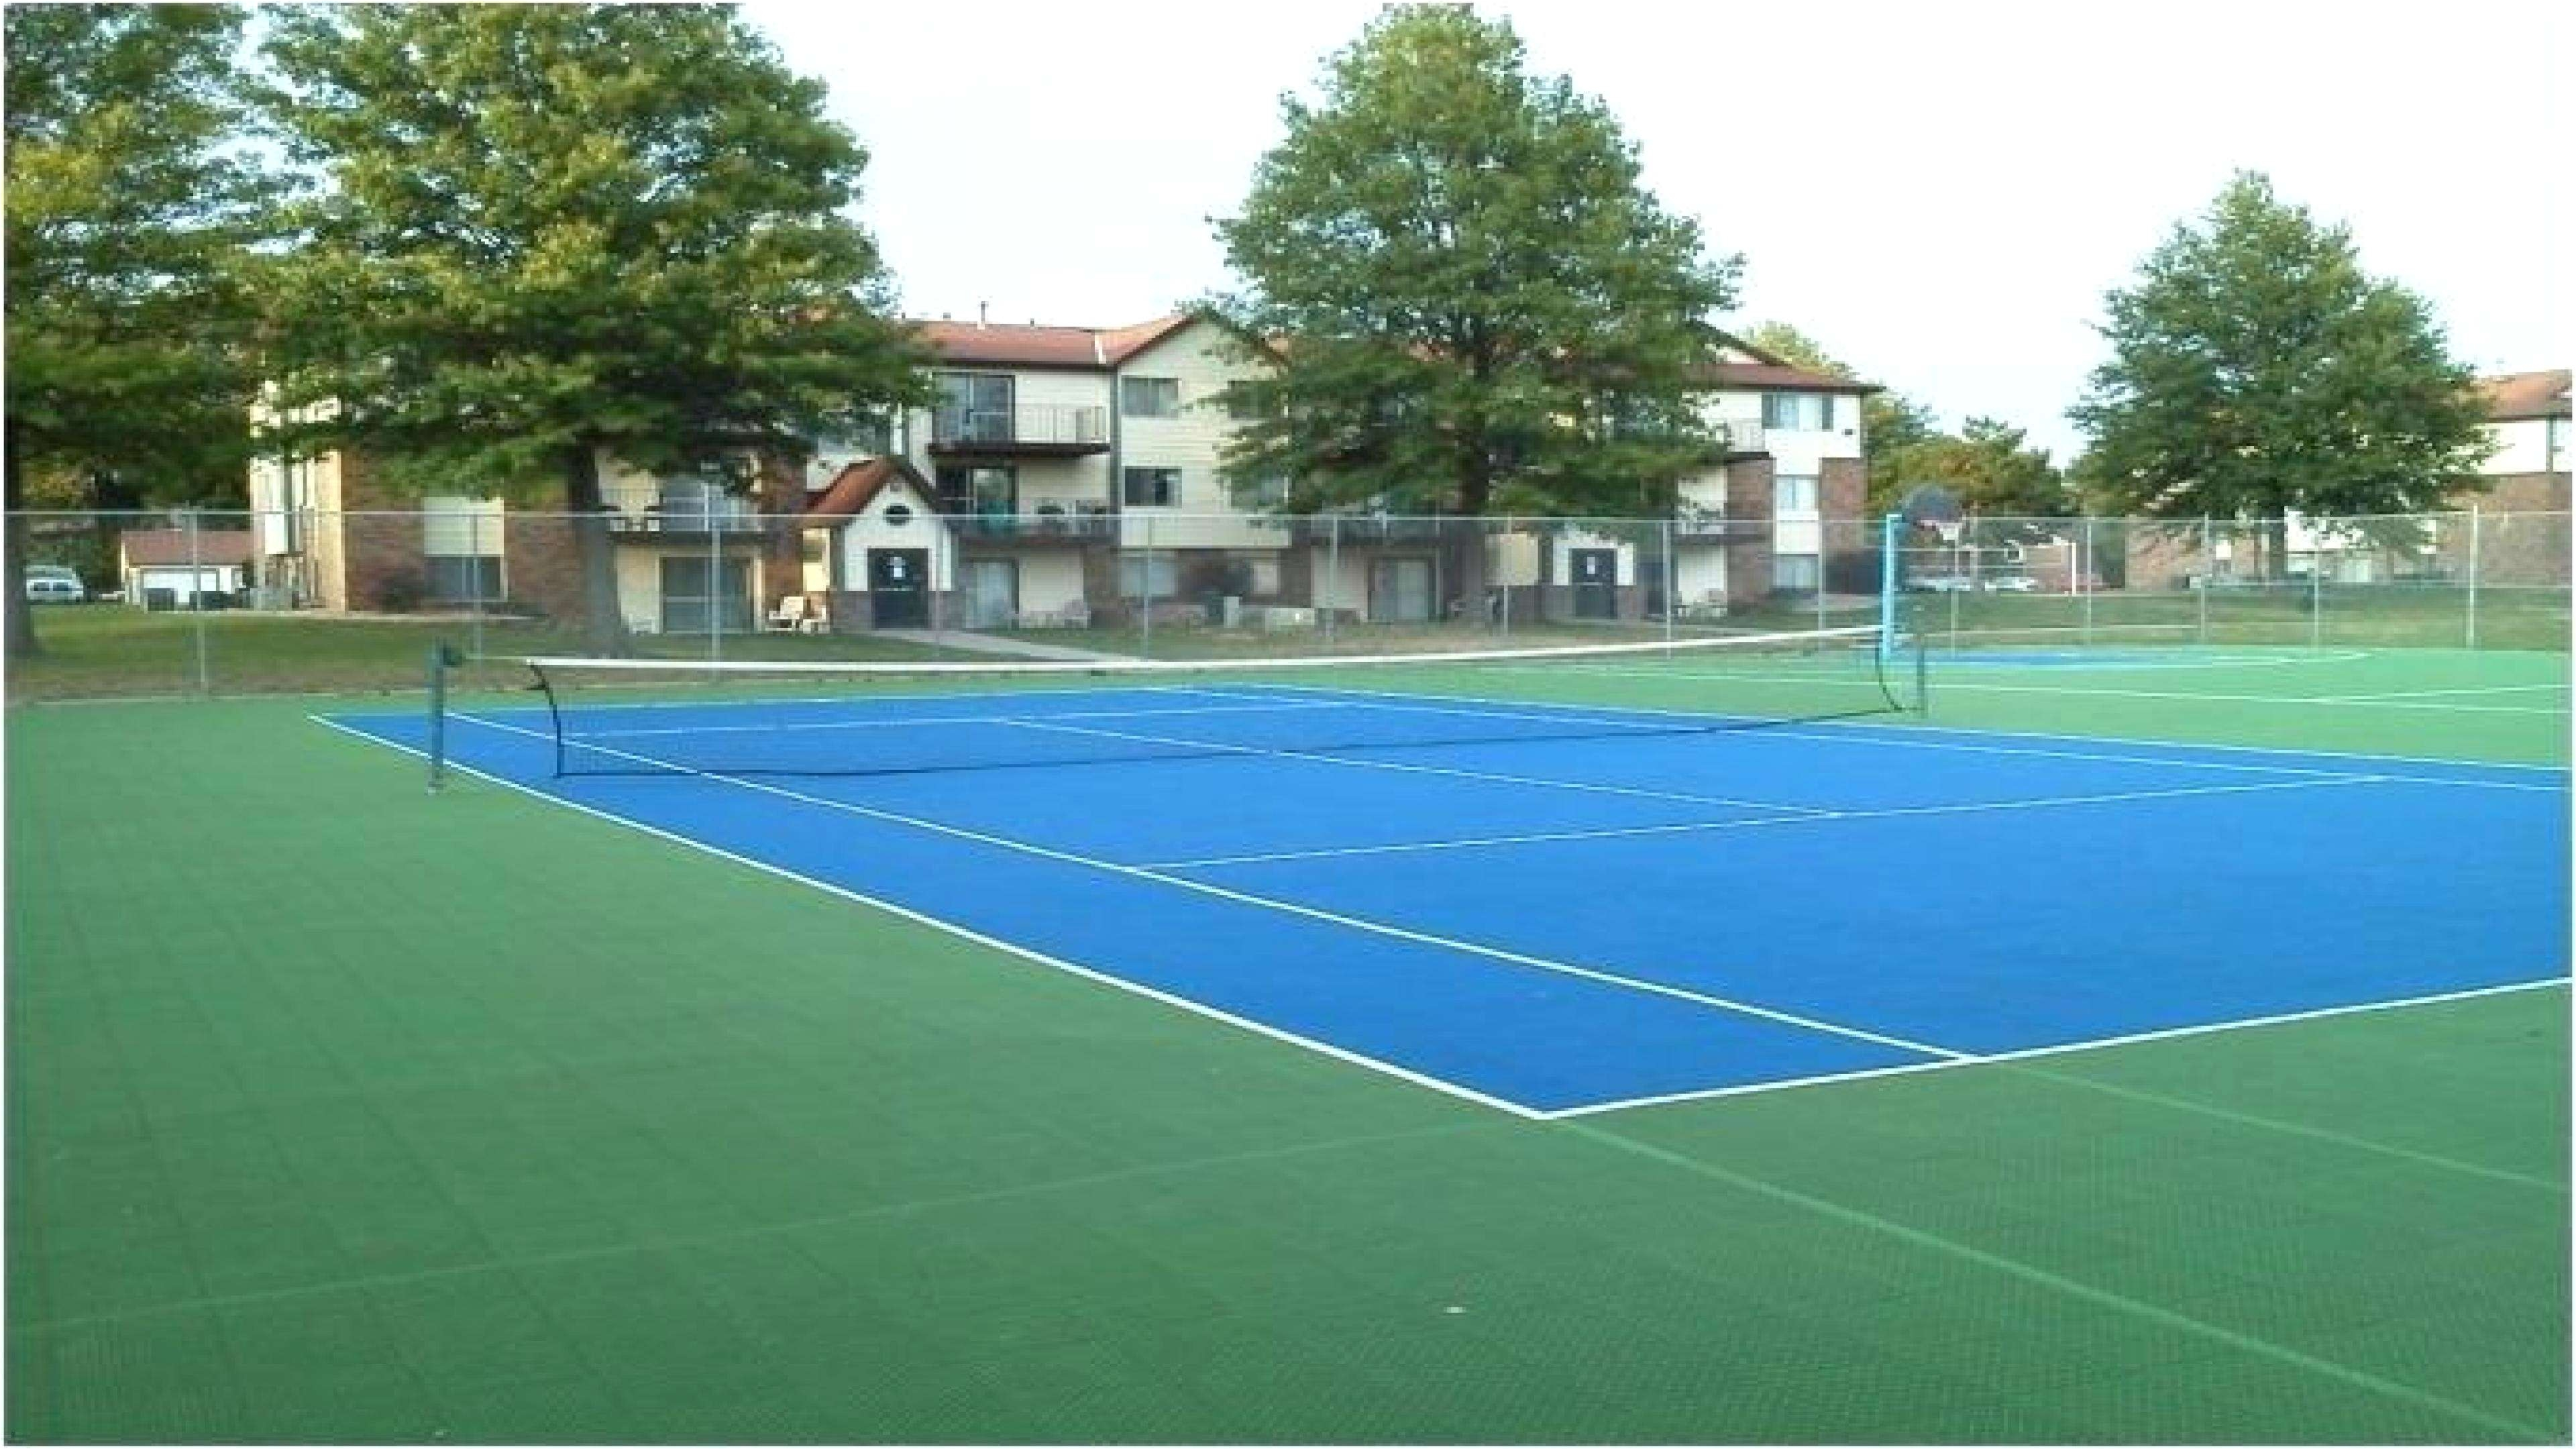 backyard sports complex best of backyard basketball court cost luxury backyard tennis court ideas